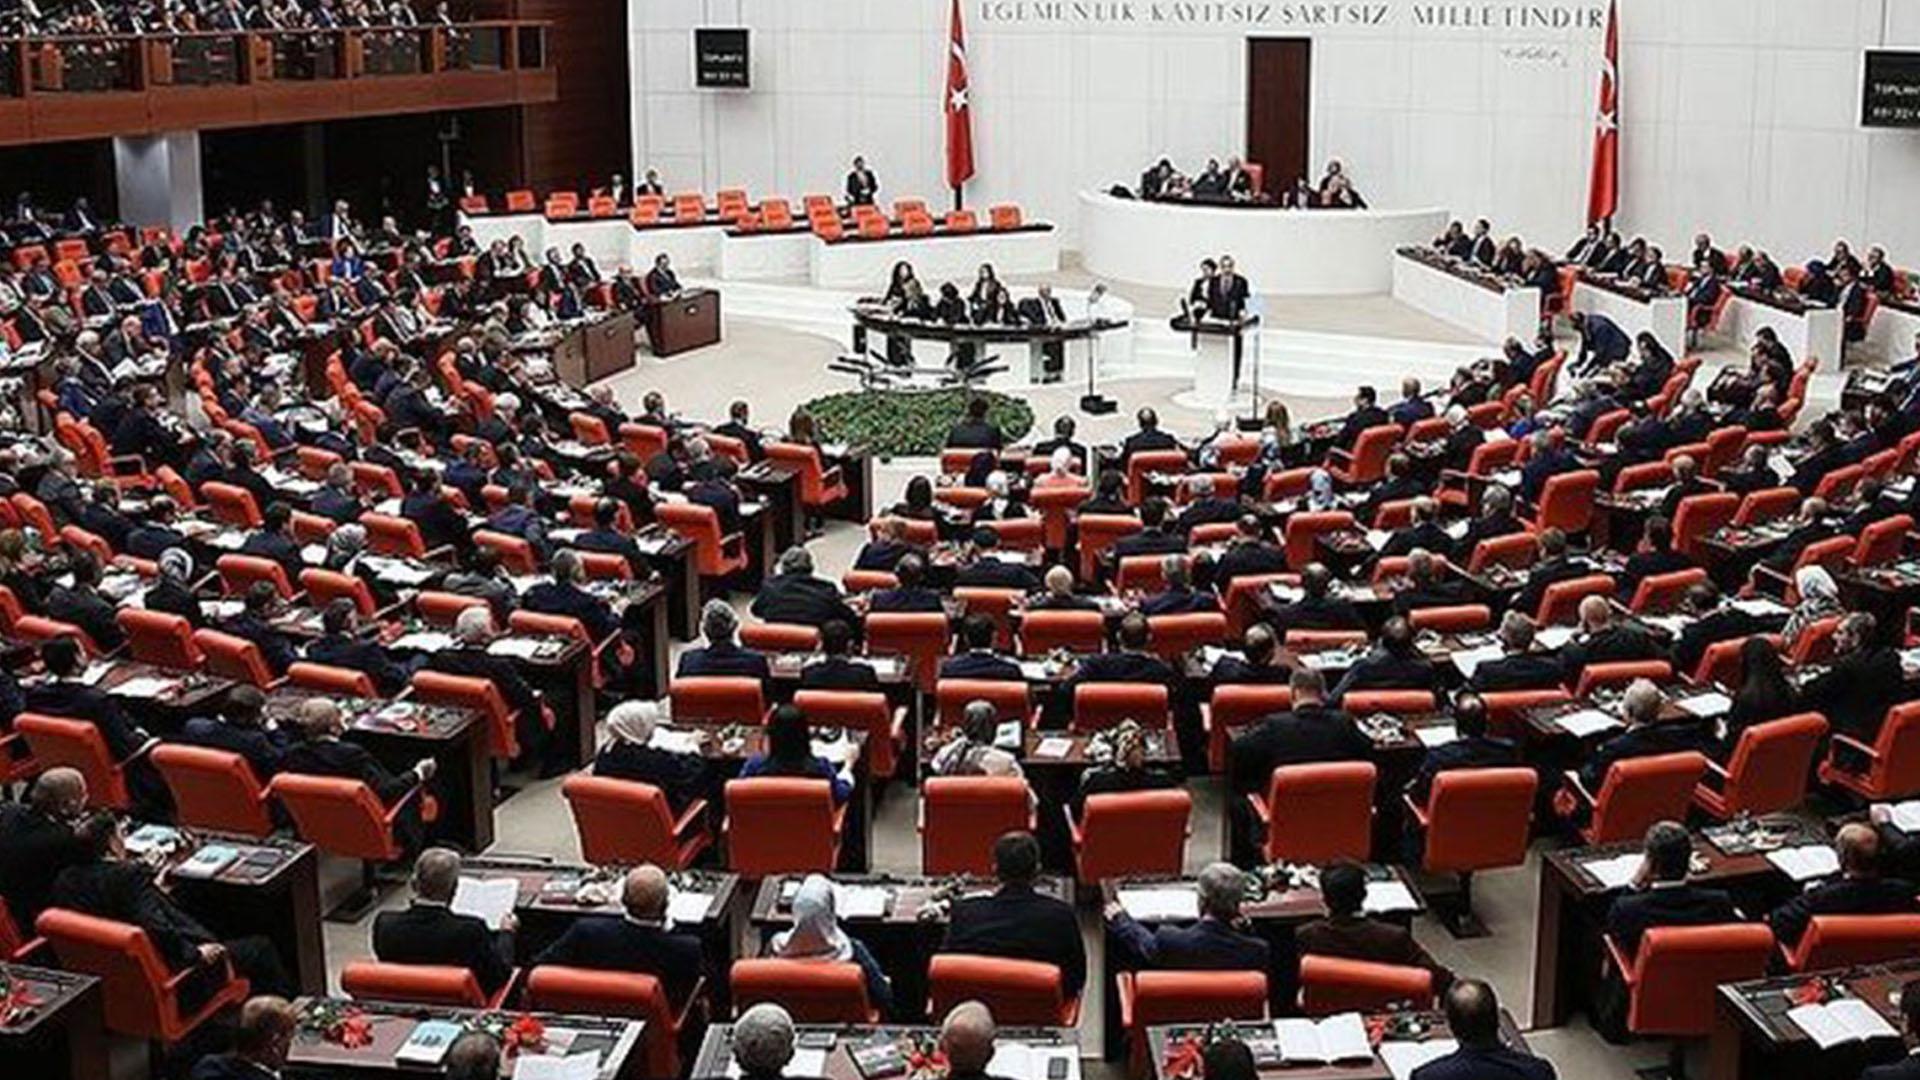 TBMM Genel Kurulunda, Yargı reformu paketinin ilk 10 maddesi kabul edildi